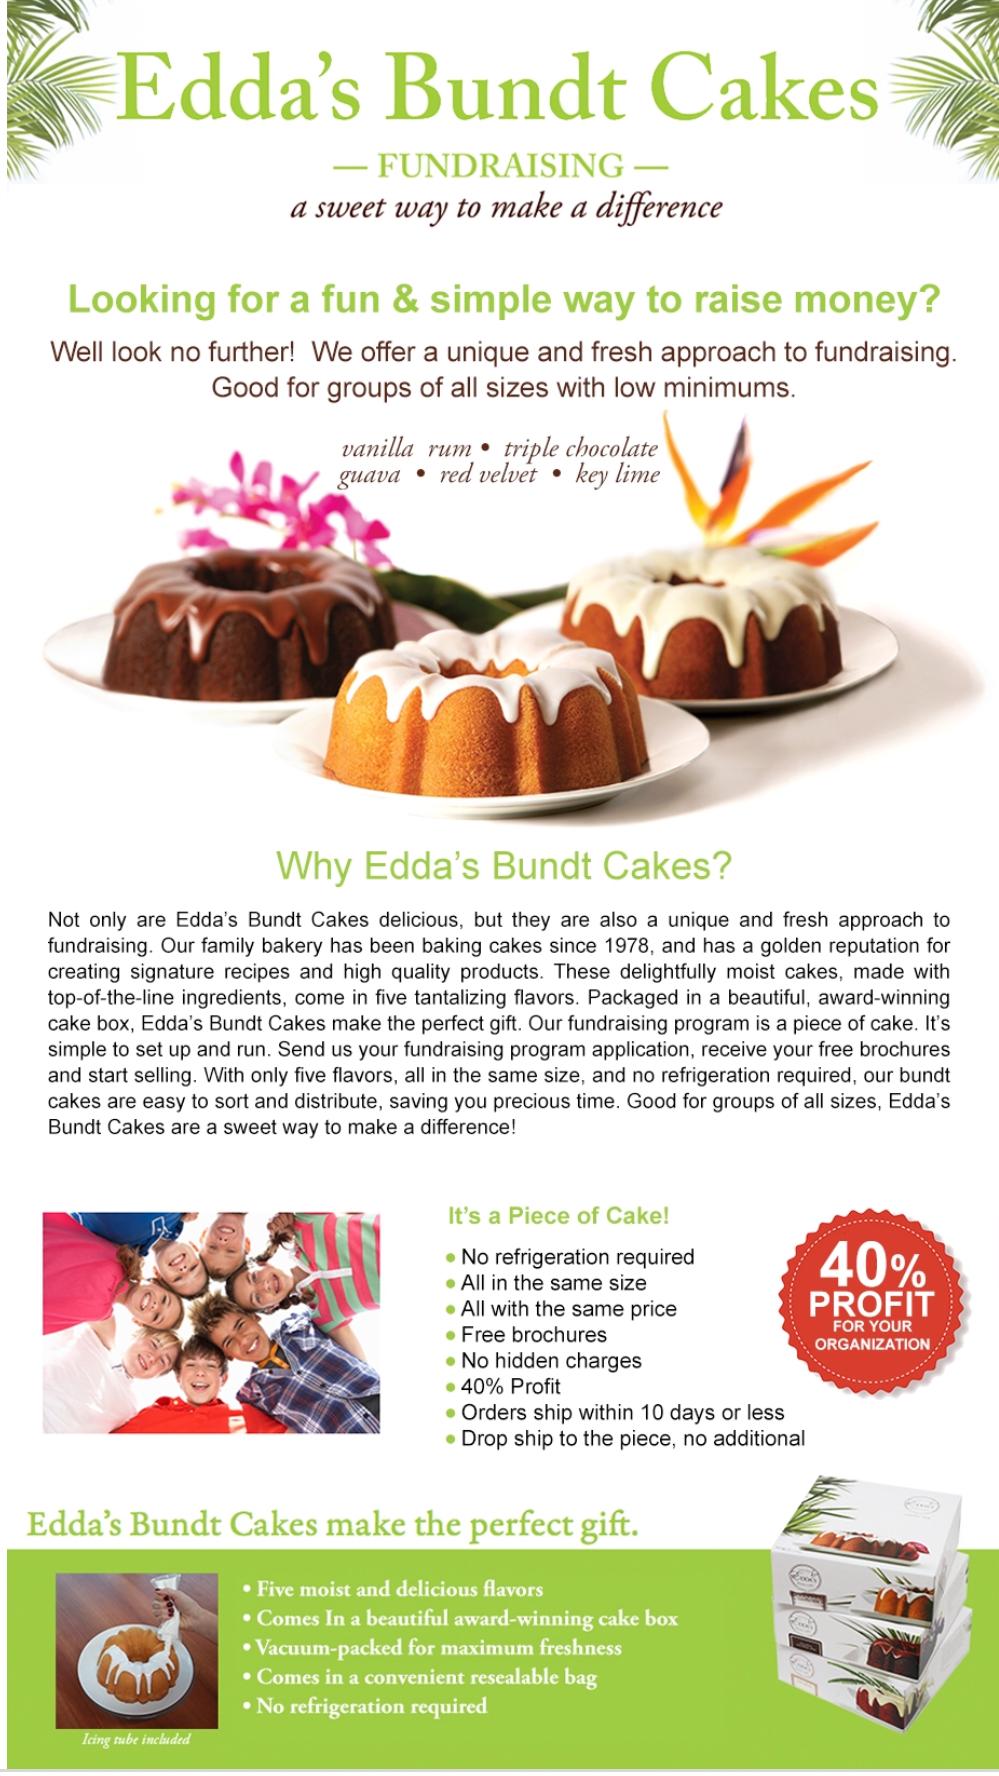 Eddas Bundt Cakes Publix